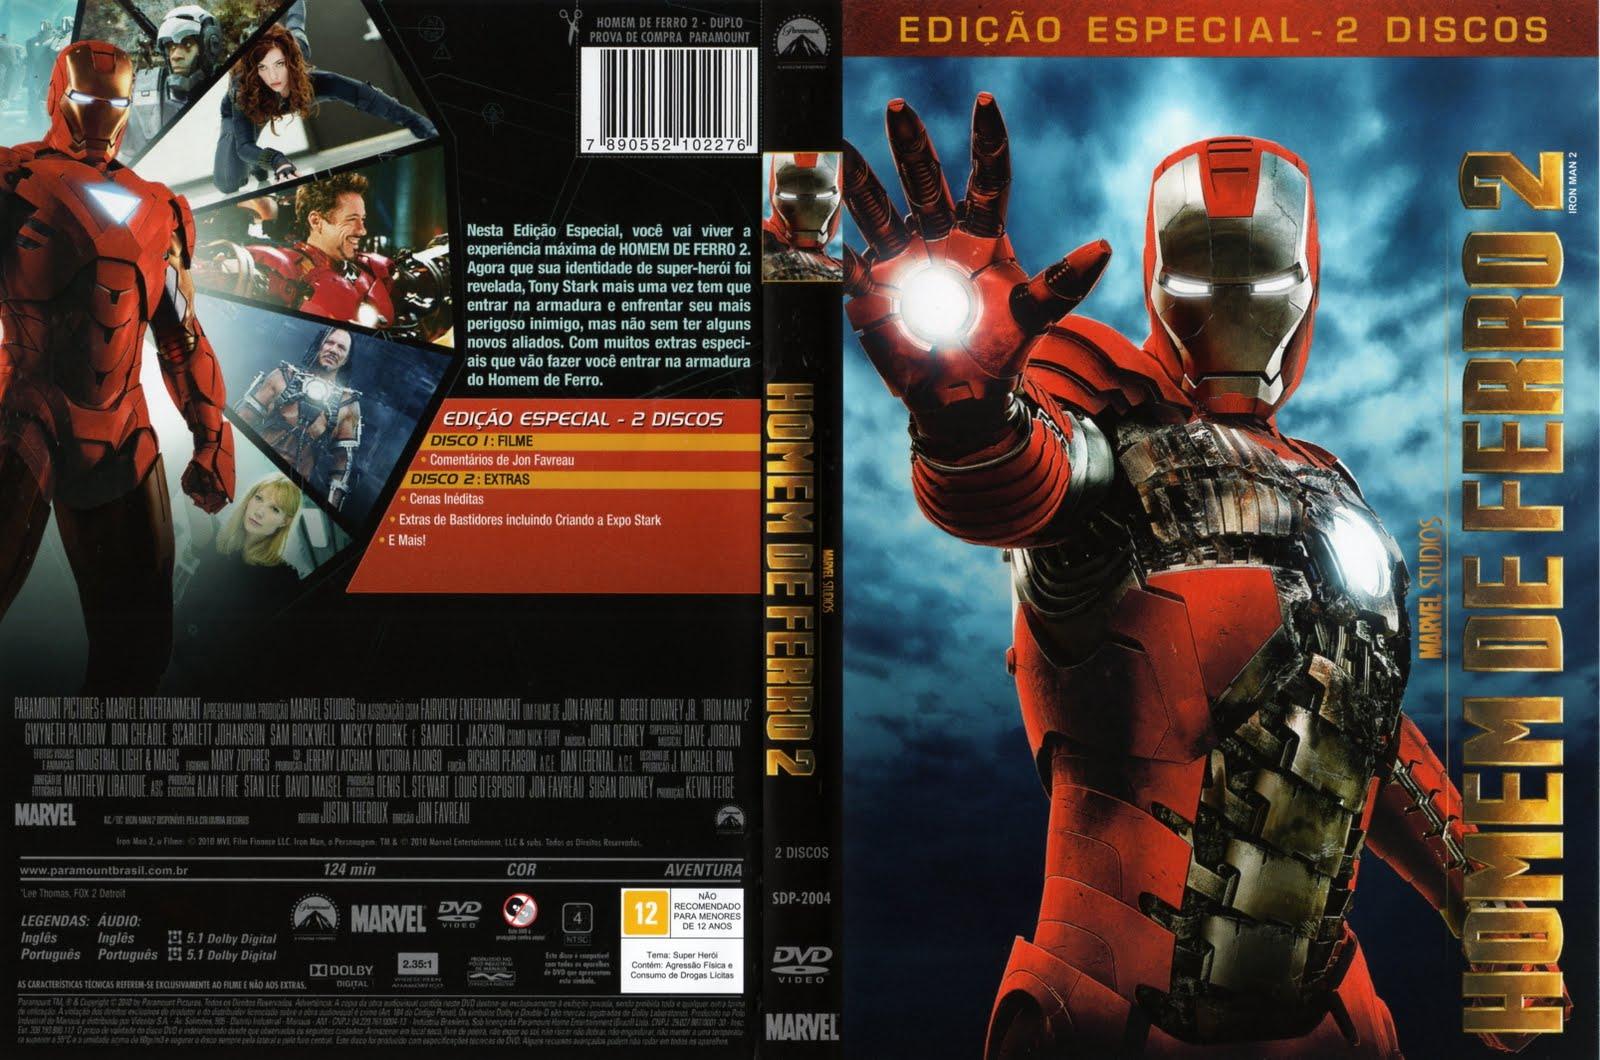 http://2.bp.blogspot.com/_SQ-LfIy-Msc/TN7j5PdrX7I/AAAAAAAAABo/Xprpqkp2iQw/s1600/Homem+De+Ferro+2+-+Dvd+Duplo.jpg